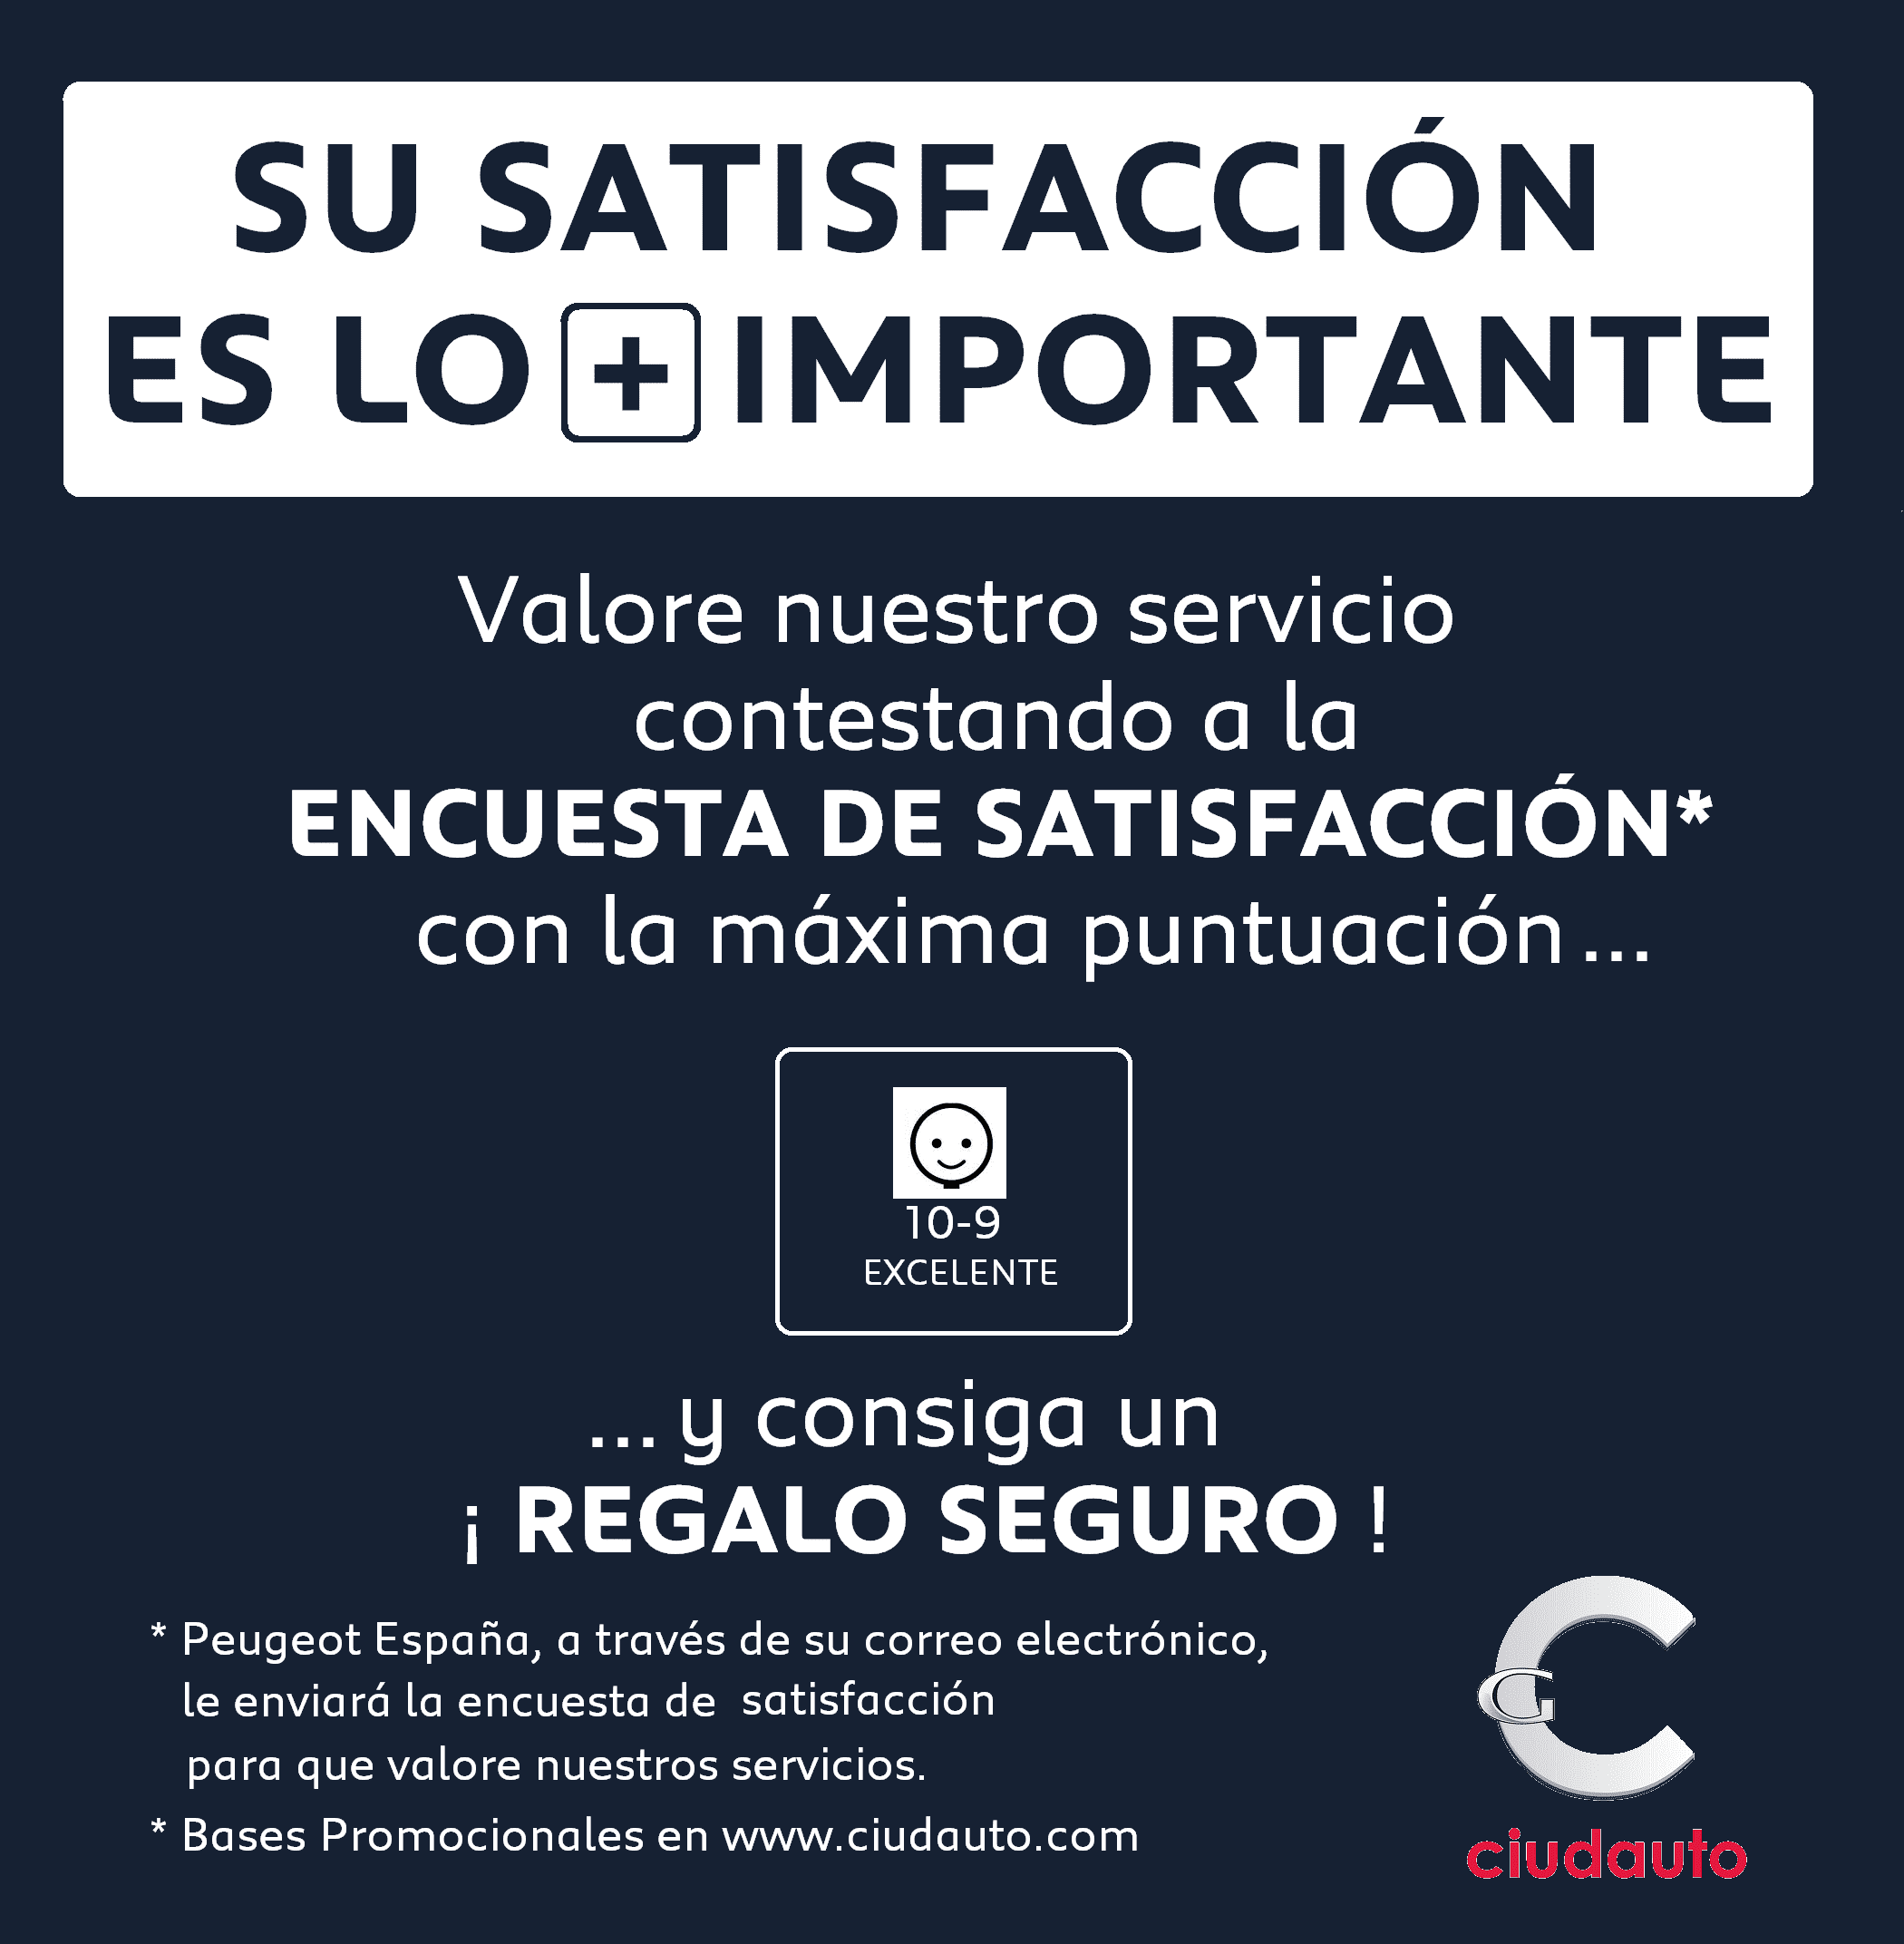 SU SATISFACCIÓN ES LO + IMPORTANTE